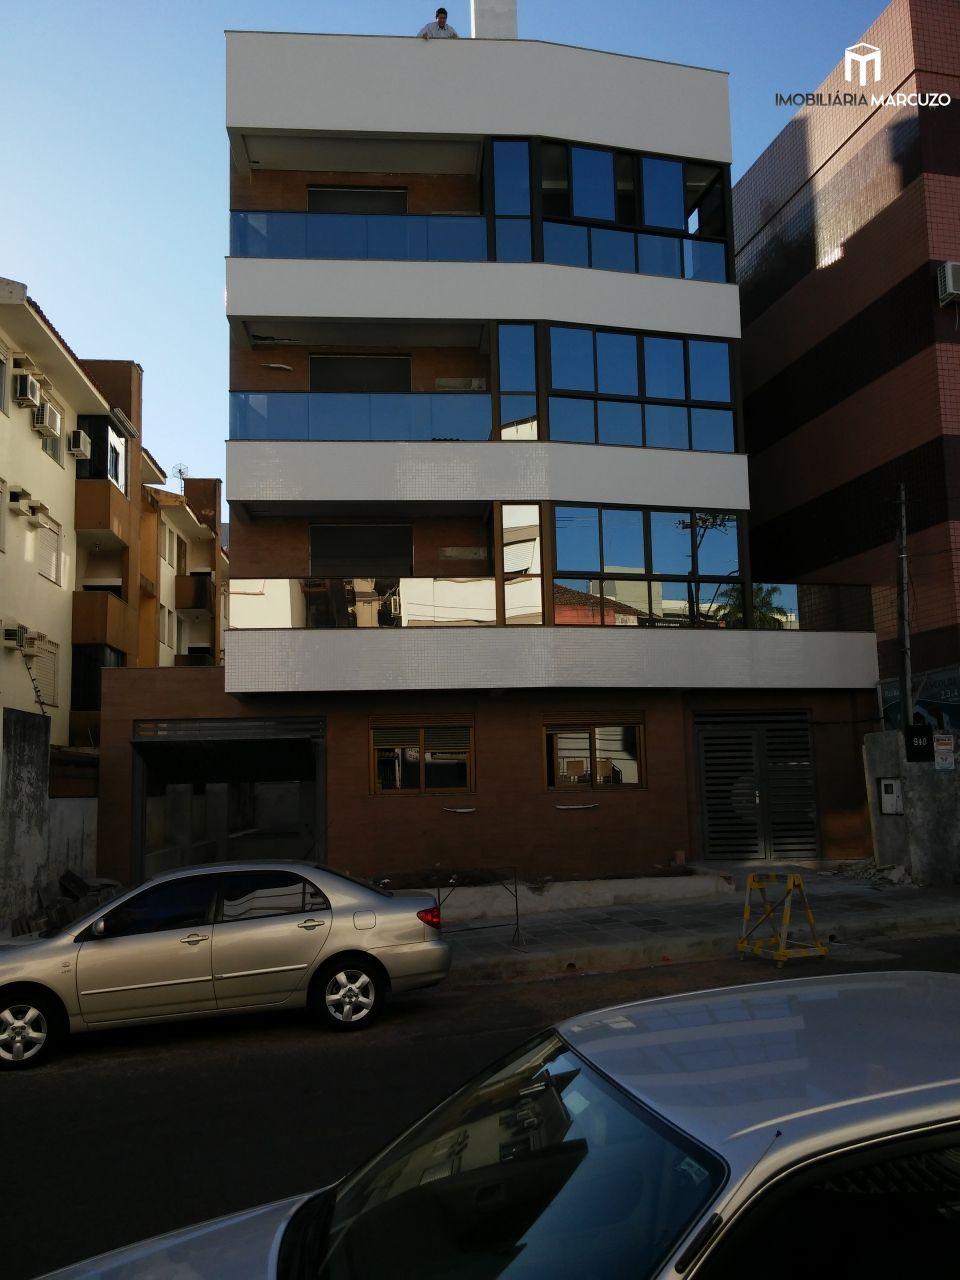 Apartamento com 2 Dormitórios à venda, 115 m² por R$ 480.000,00